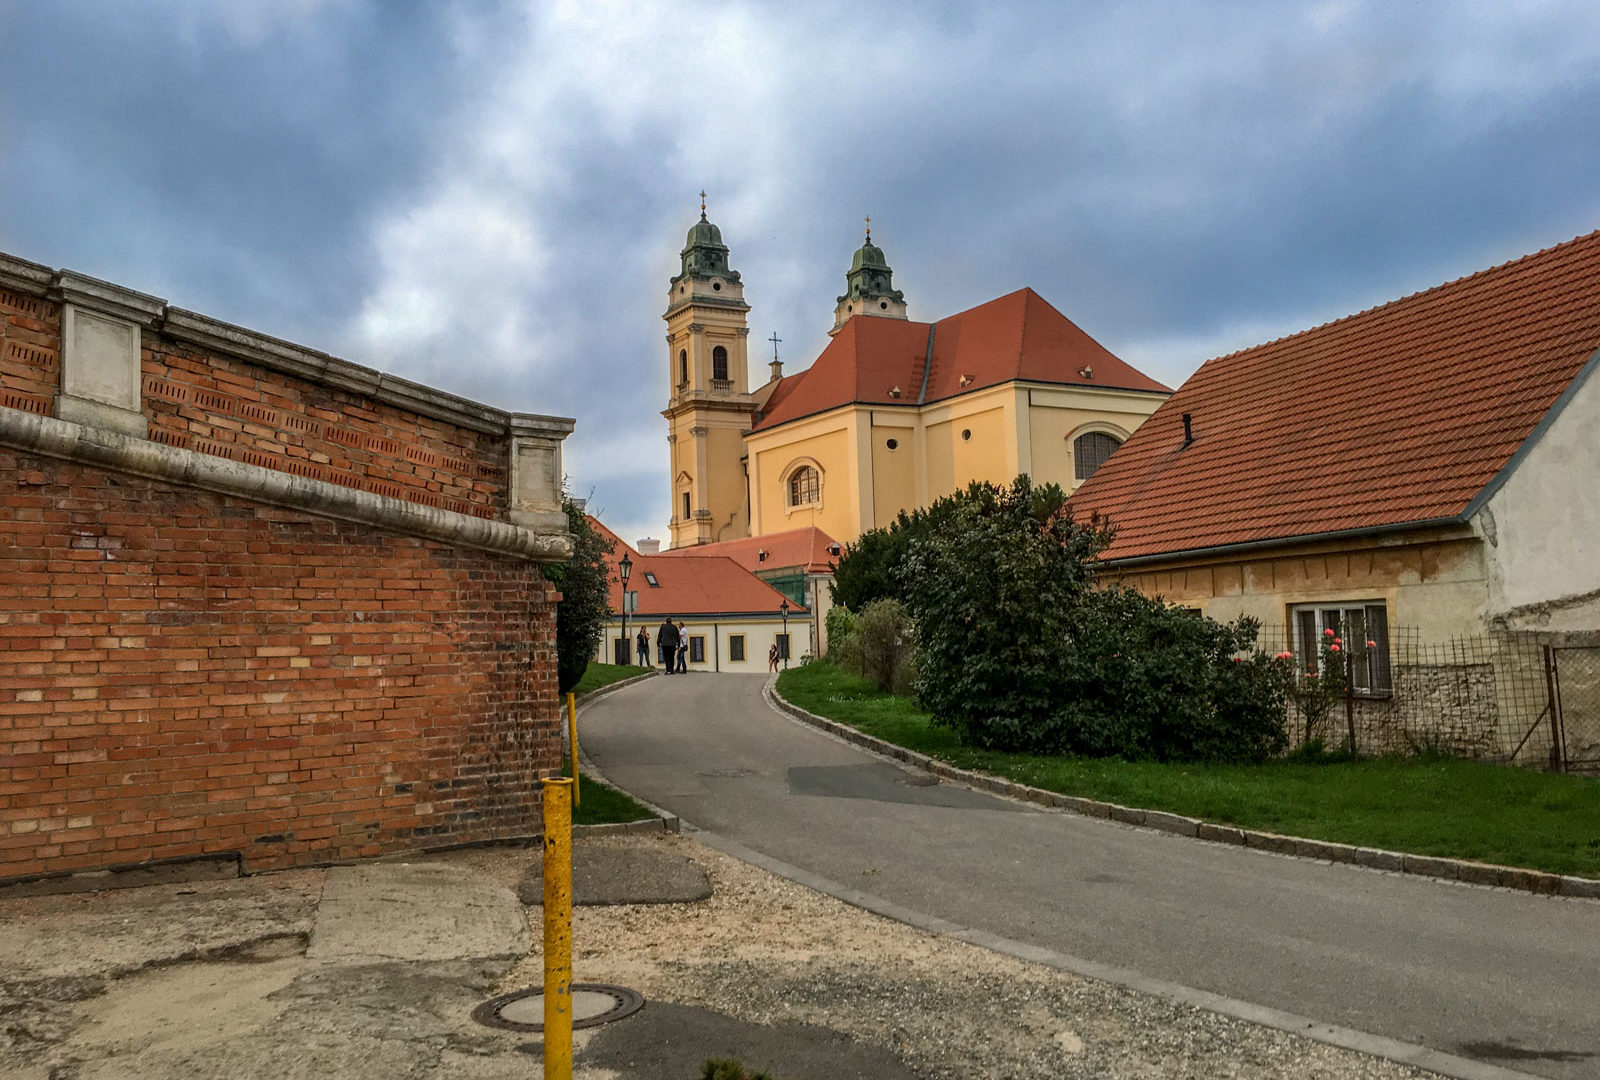 Czechy to nie tylko Praga! - Morawy Południowe